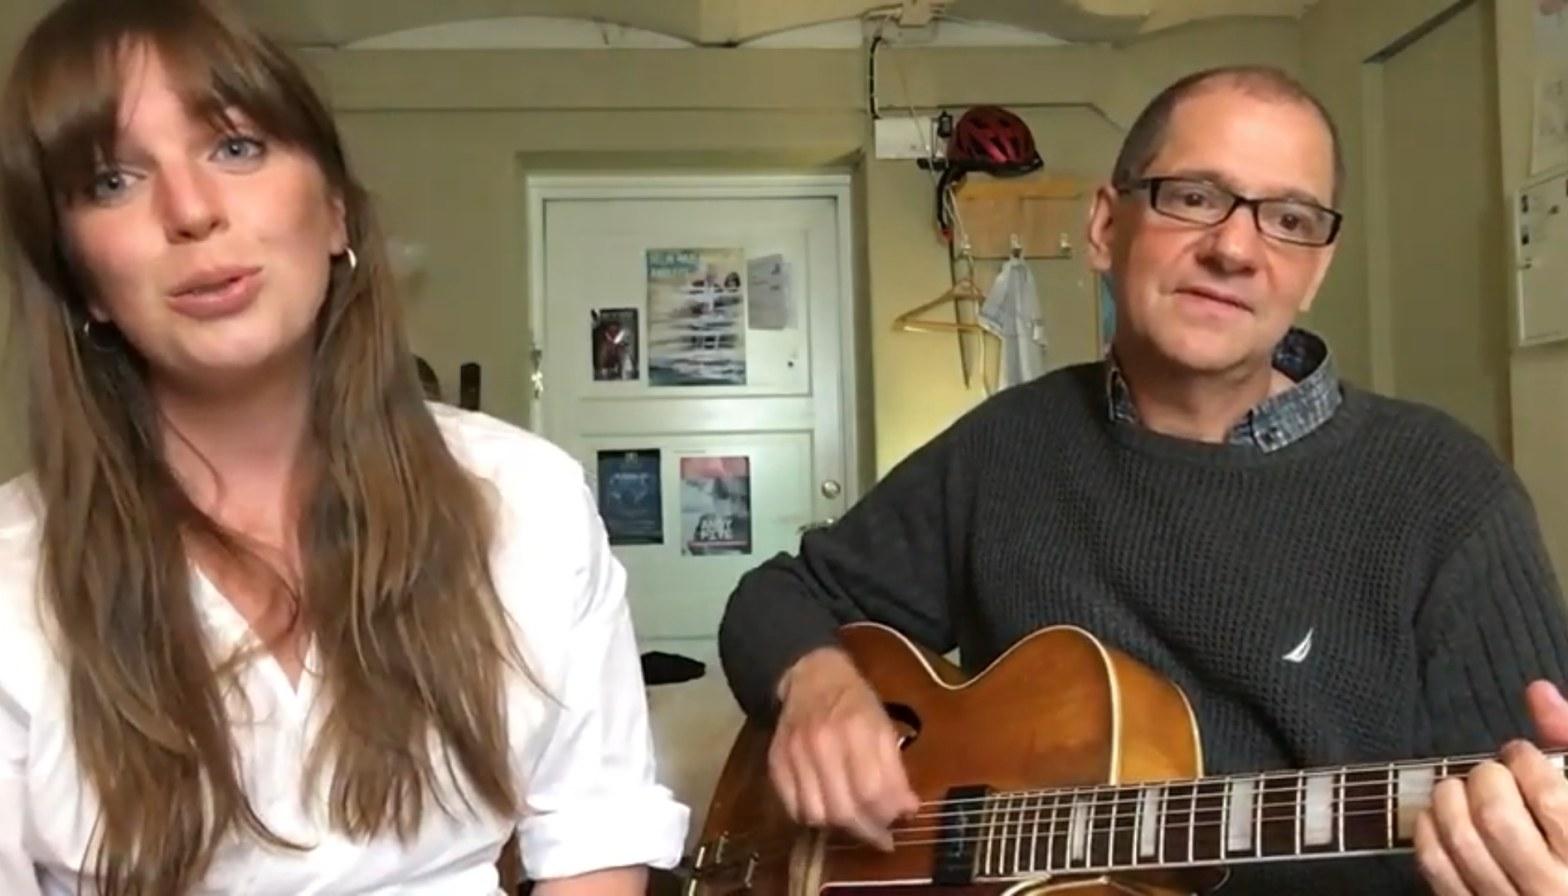 Andy Fite och Amanda Ginsburg sjunger och spelar guitarr